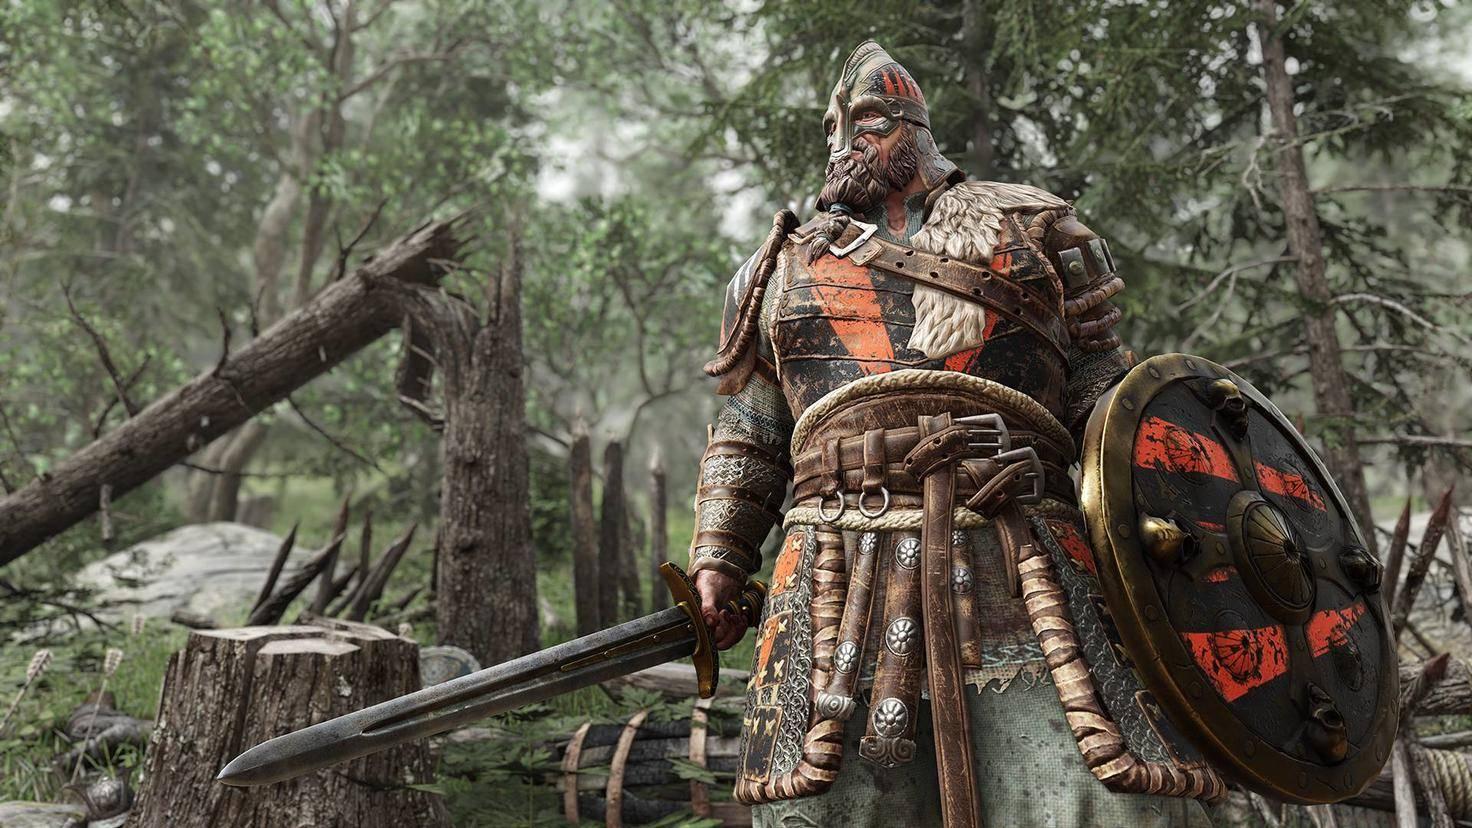 Jeder Krieger hat andere Fähigkeiten...